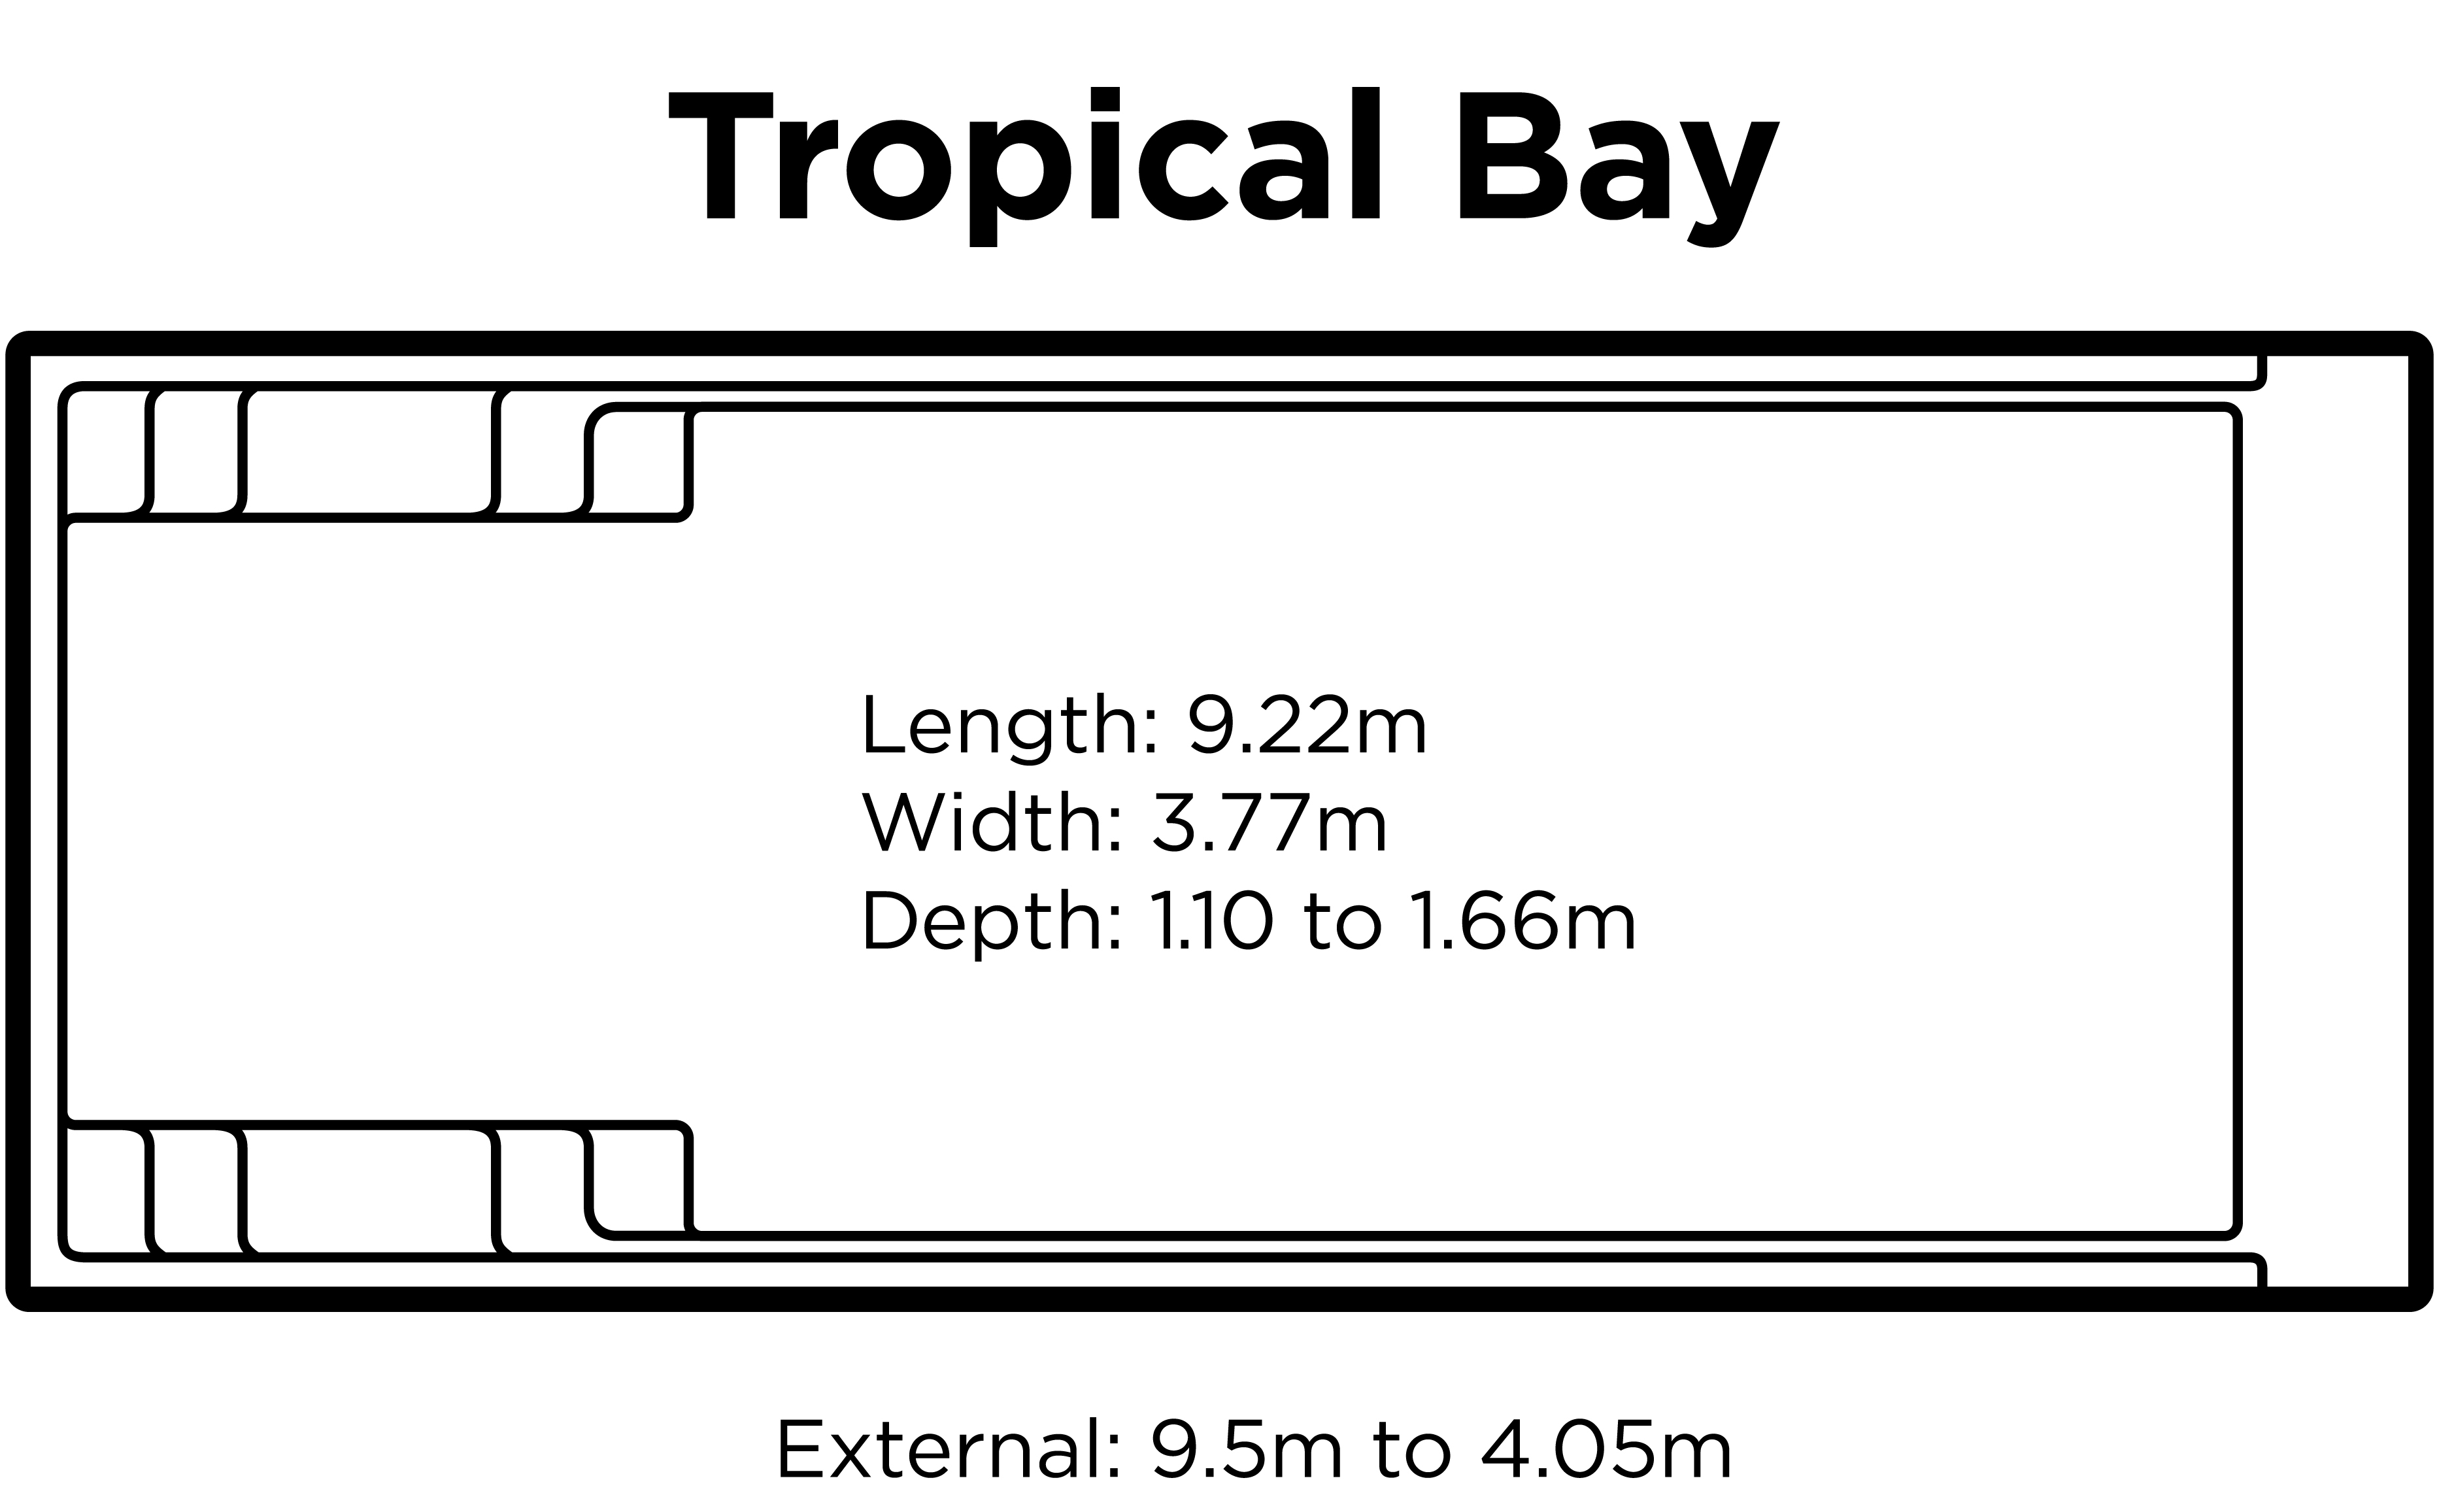 FINALTropical Bay